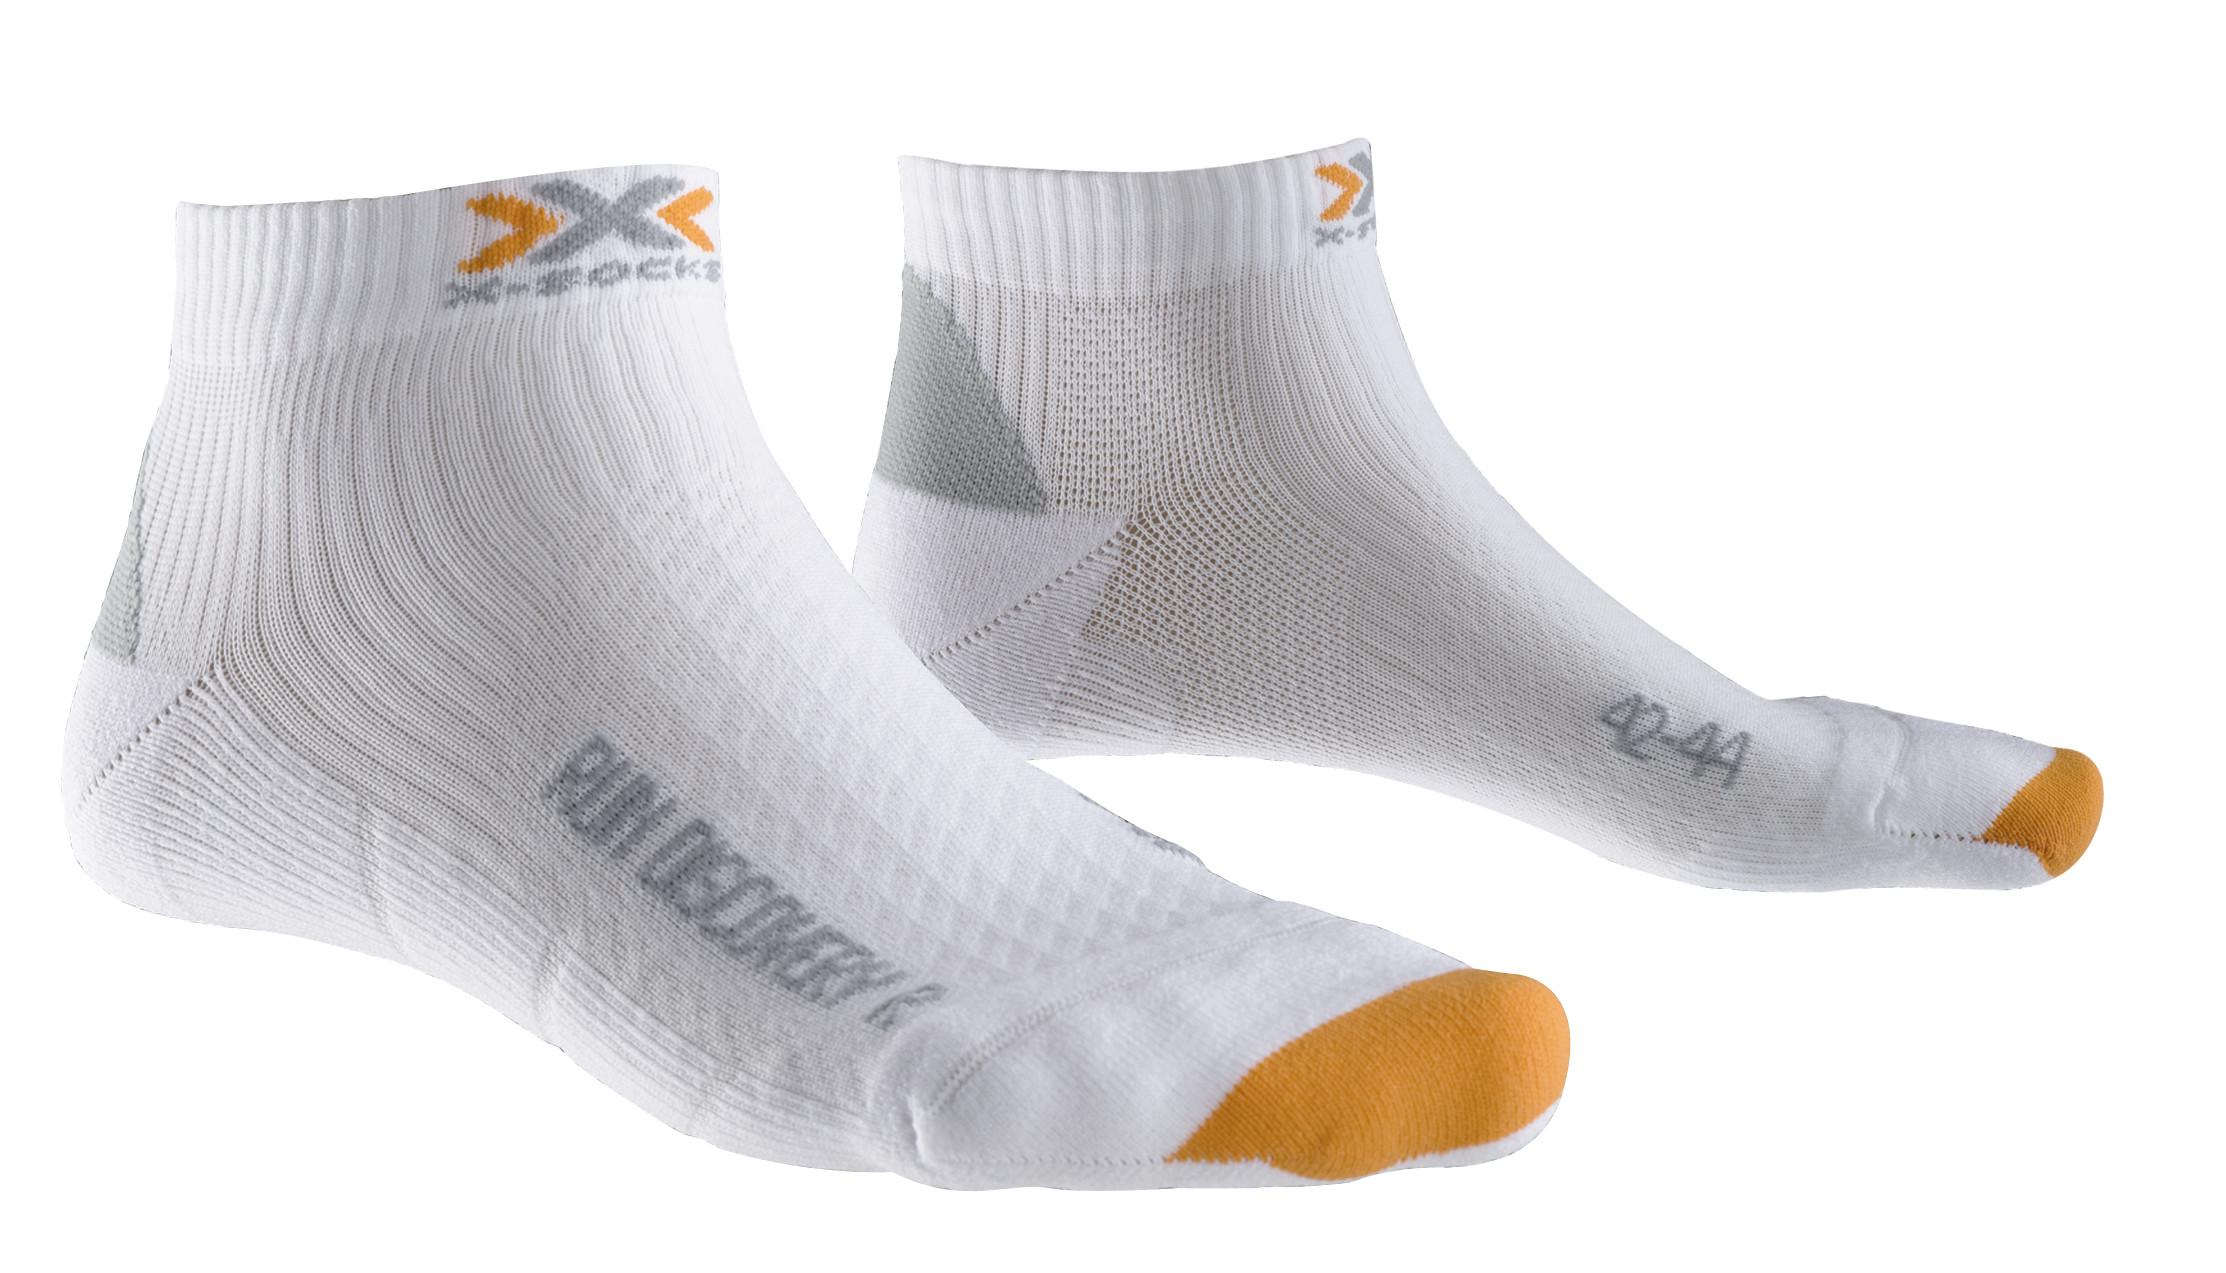 X-SOCKS Socken, Strümpfe Run Discovery weiß unisex von Gr. 35 - 47 S17-XS1